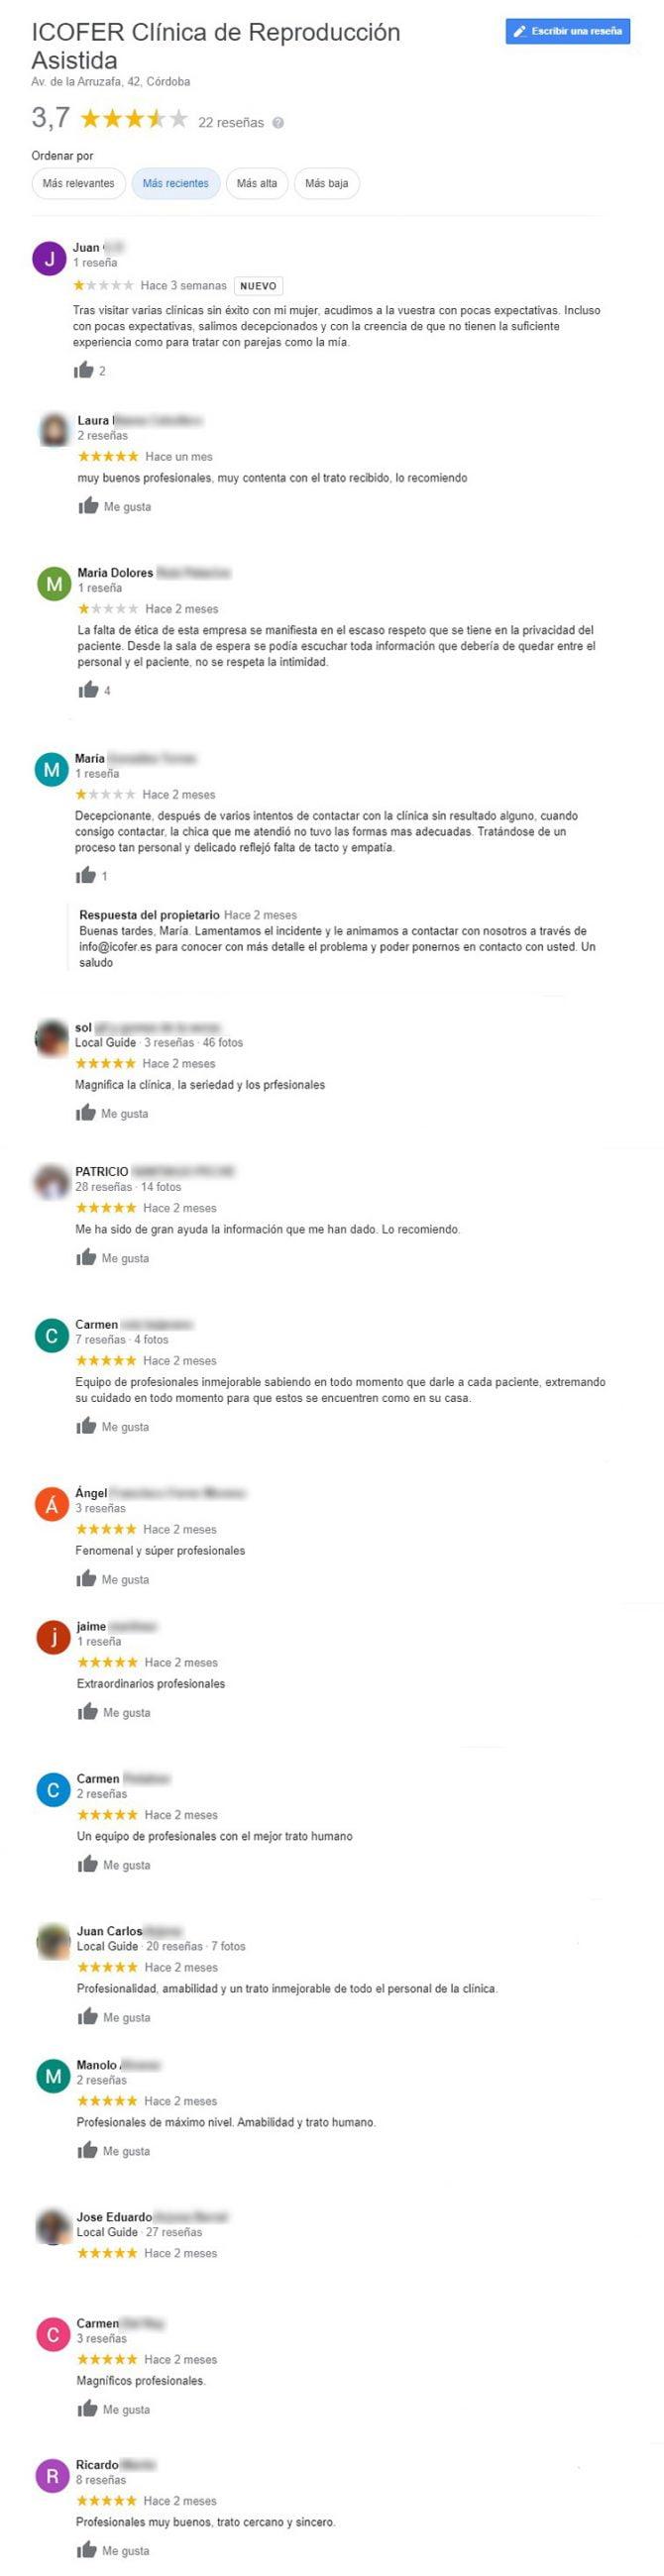 Imagen: Opiniones sobre la clínica Icofer